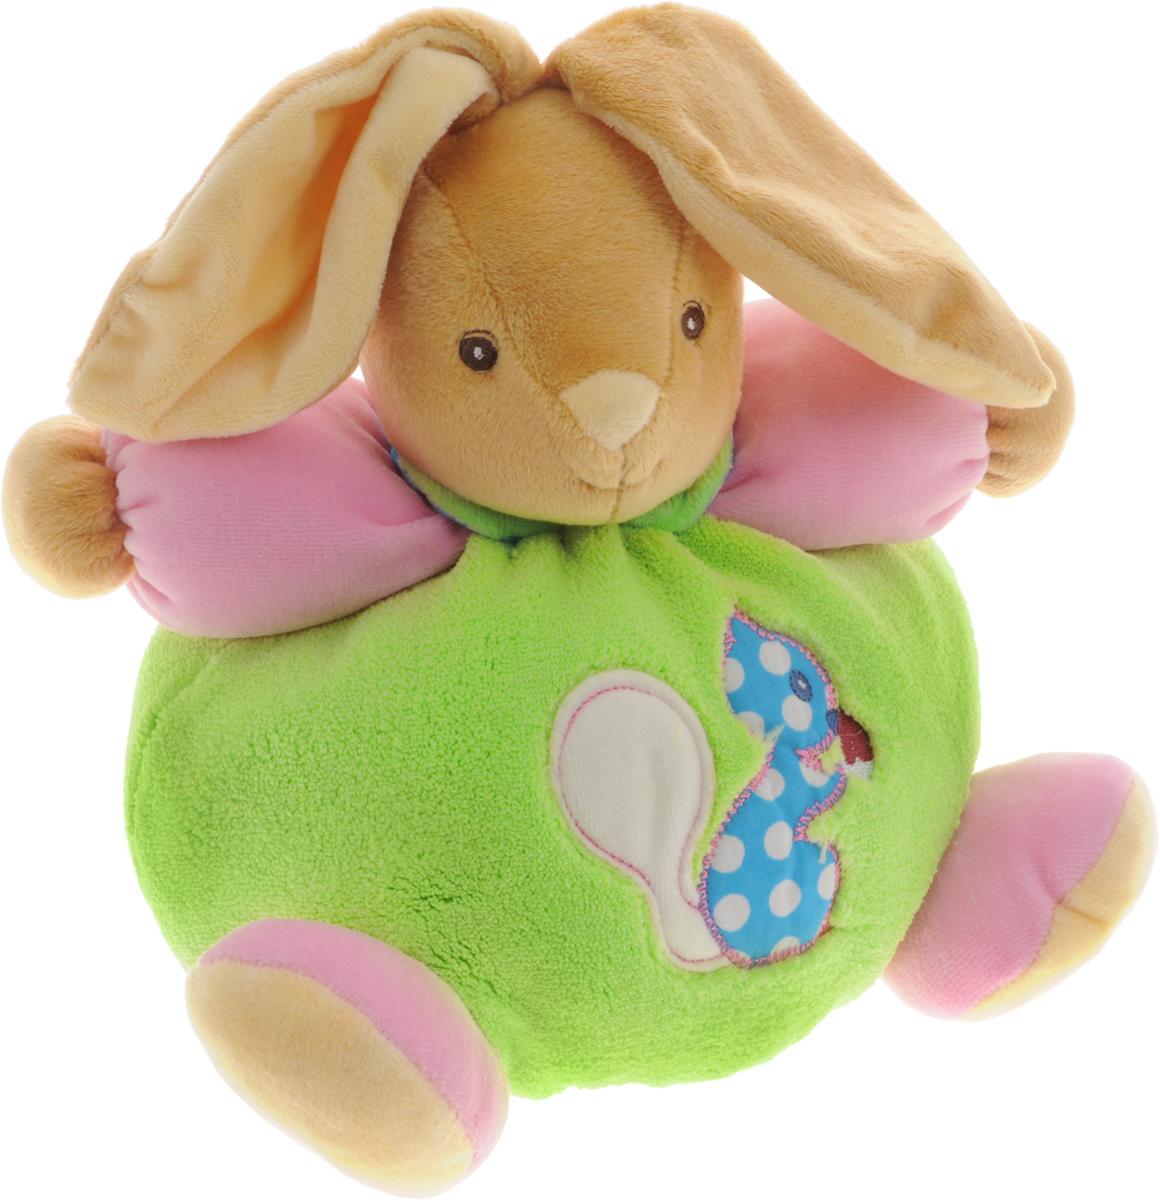 Kaloo Мягкая игрушка Заяц Белка 22 смK963252Красочный мягкий зайчонок Kaloo надолго станет постоянным спутником малыша и его любимой игрушкой. Игрушка Заяц Белка выполнена из качественных и безопасных для здоровья детей материалов, которые не вызывают аллергии, приятны на ощупь и доставляют большое удовольствие во время игр. Игрушку приятно держать в руках, прижимать к себе и придумывать разнообразные игры. Внутри игрушки находится погремушка, которая успокоит малыша и привлечет его внимание. Игры с мягкими игрушками развивают тактильную чувствительность и сенсорное восприятие. Игрушка поставляется в стильной коробке и идеально подходит в качестве подарка.